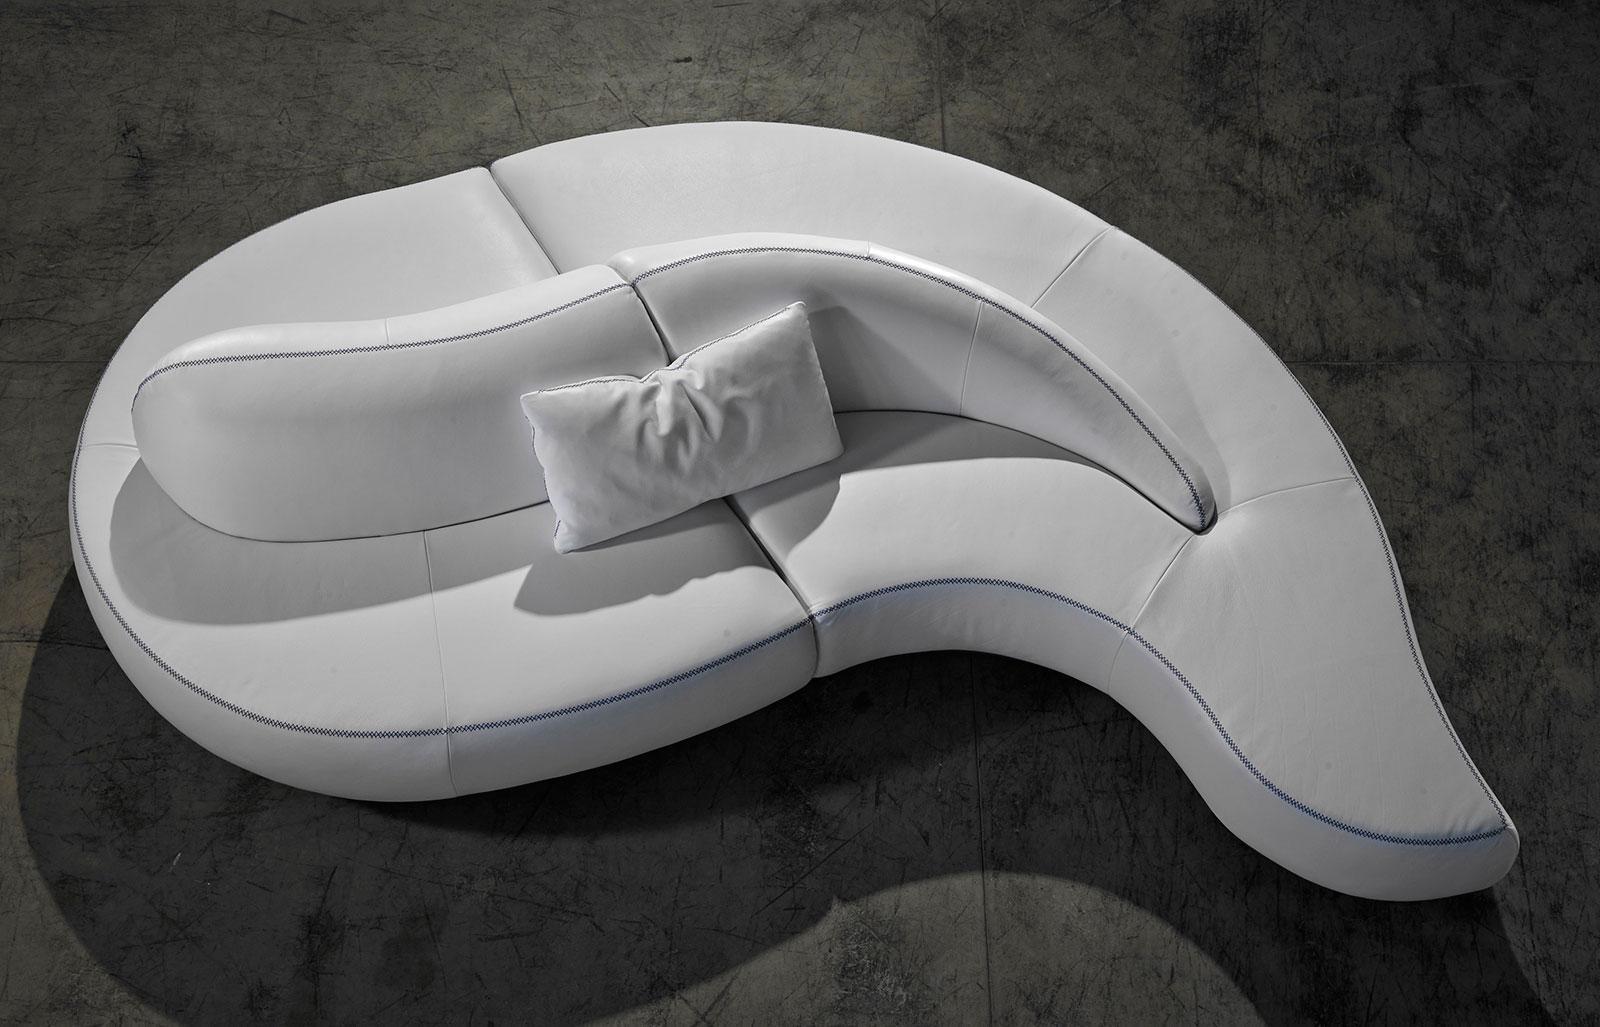 onda divano in pelle 317 x 182 cm. - italy dream design - Soggiorno Angolare Componibile 2